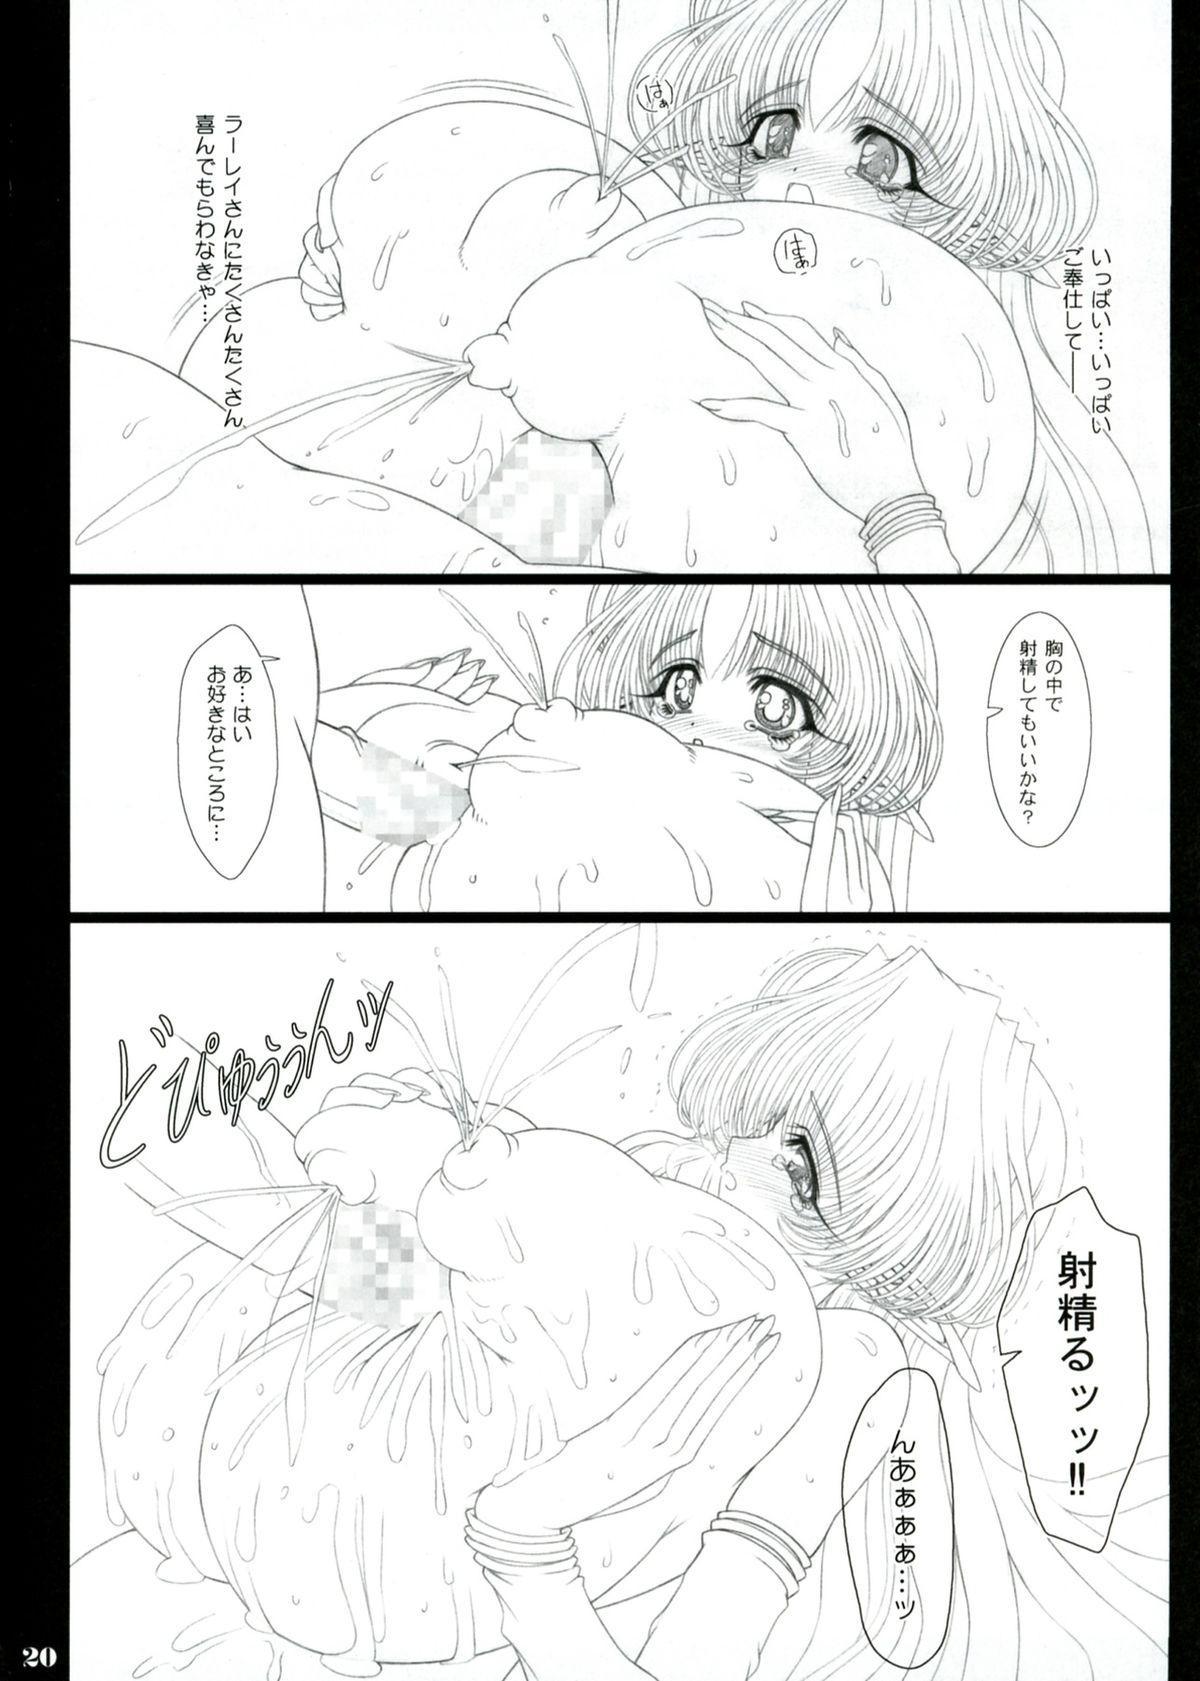 Mitsugetsu 19